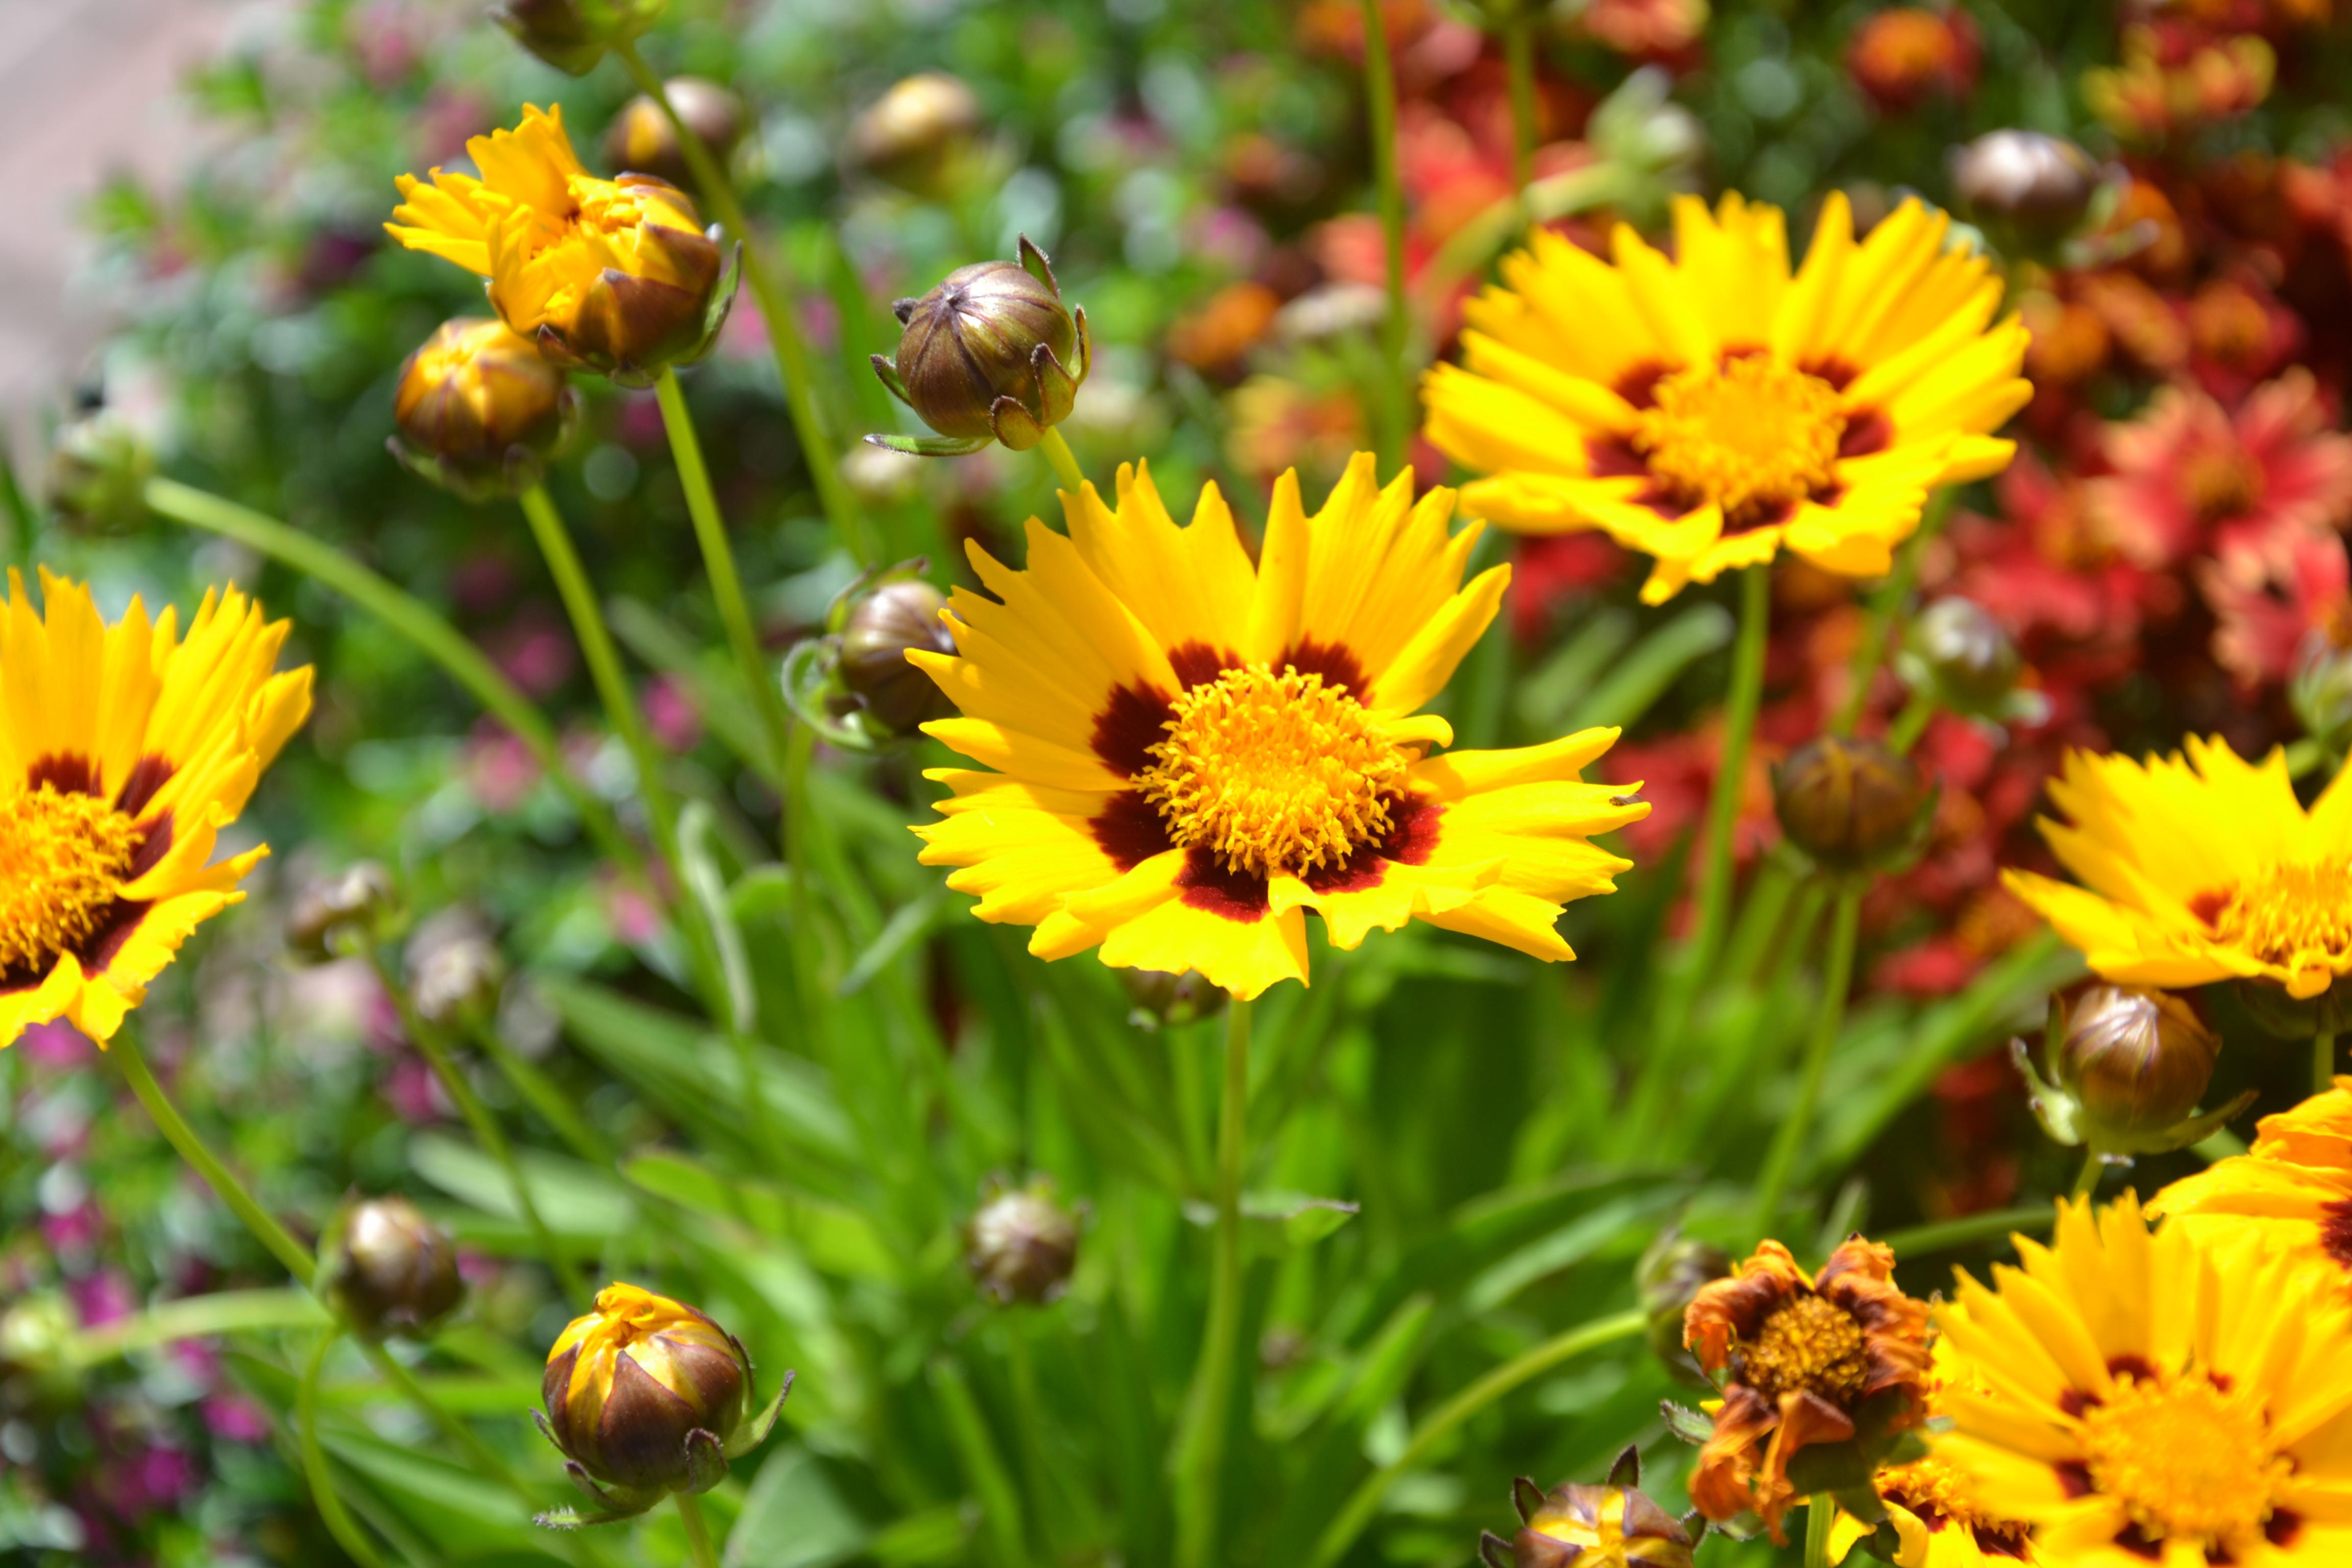 Mädchenauge (Coreopsis) Die Blütenblätter von Coreopsis grandiflora 'Sonnenkind' sind an den Rändern ausgefranst. Ab Juli blüht die Staude bis in den Frühherbst hinein. Bienen und Hummeln suchen sich hier ihre Nahrung.